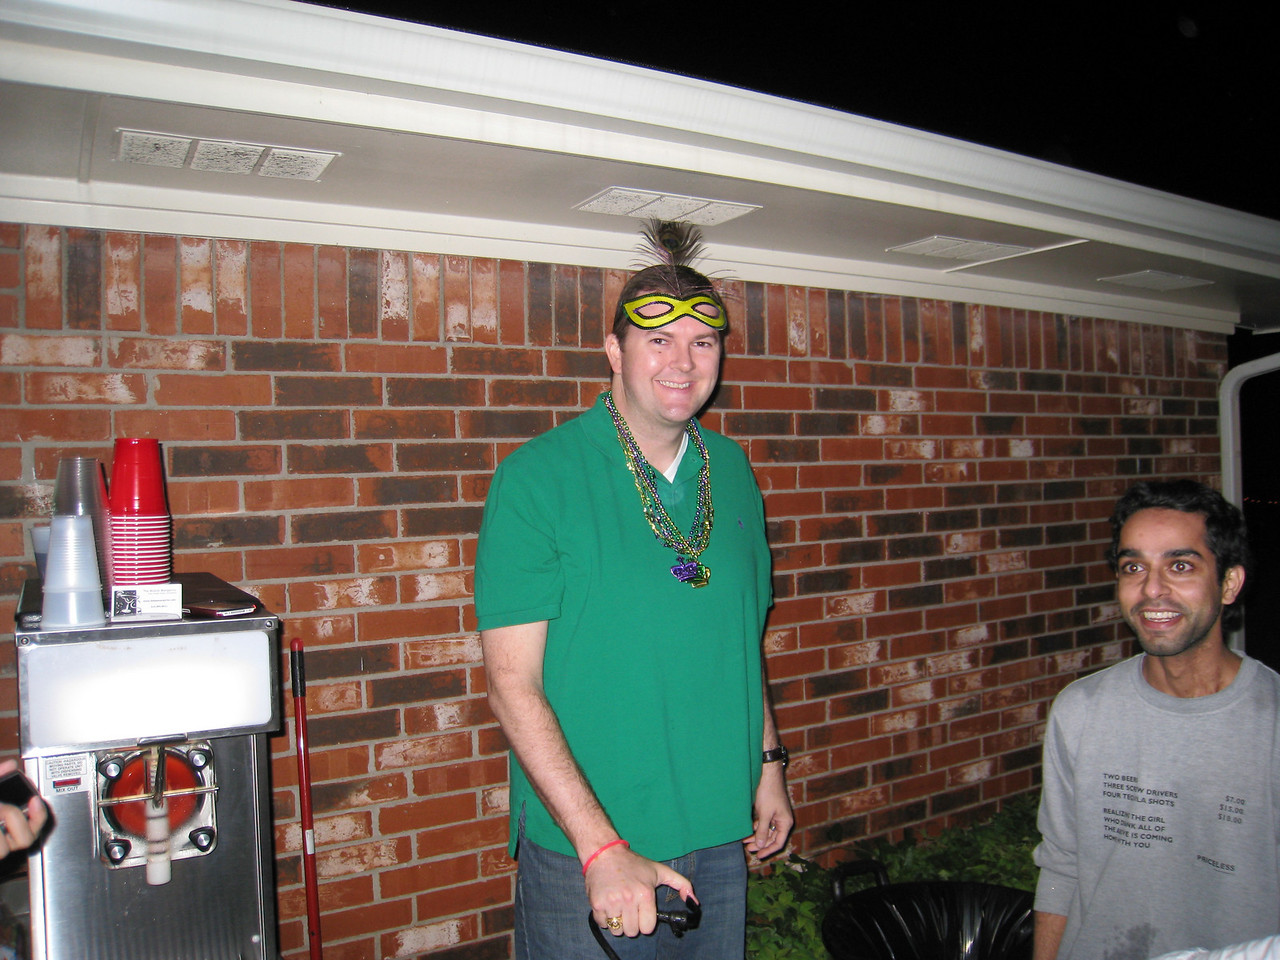 Sean at the Shiner Keg